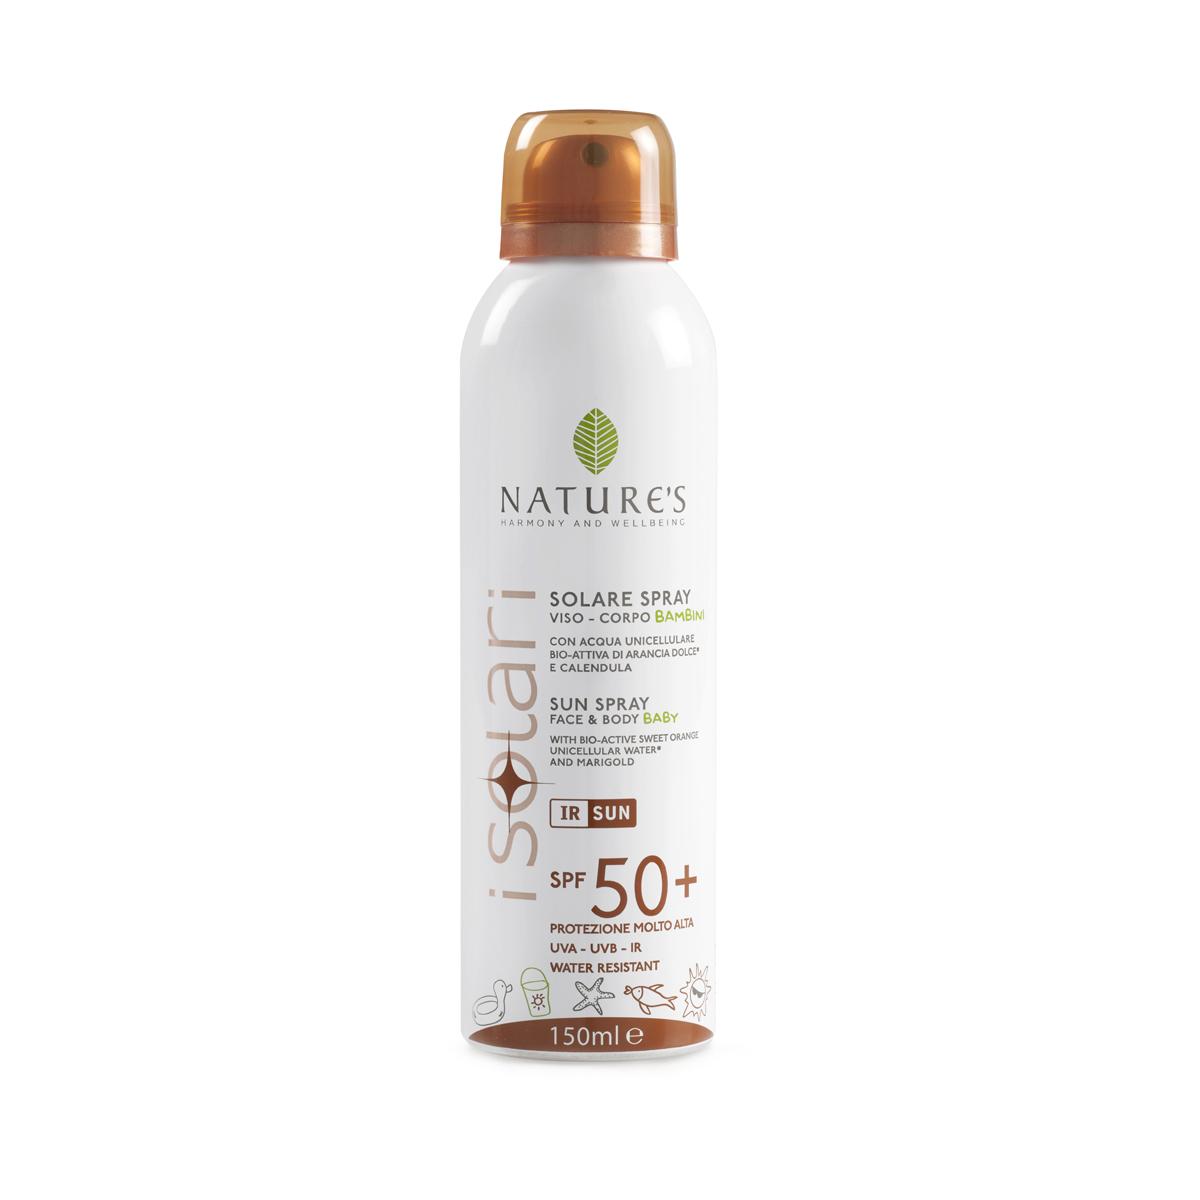 Natures Sun Солнцезащитный спрей для детей SPF 50+, 150 мл60041659Специальное средство для нежной чувствительной кожи ребенка с высокой степенью защиты от солнечного воздействия. Предотвращает ожоги, покраснения, шелушения, потерю влаги и другие повреждения кожи, сохраняя естественный гидролипидный баланс. Спрей с био-активными компонентами: экстрактами сладкого апельсина и календулы, уницилярной водой, рисовым молочком, комплексом защиты от инфракрасного излучения оказывает интенсивное смягчающее действие, способствуя постепенной адаптации кожи ребенка к солнечному свету. Растительный меланин обеспечивает ровный загар. НЕ СОДЕРЖИТ СПИРТ. Водостойкий. Прошел дерматологические тесты и тесты на содержание никеля.